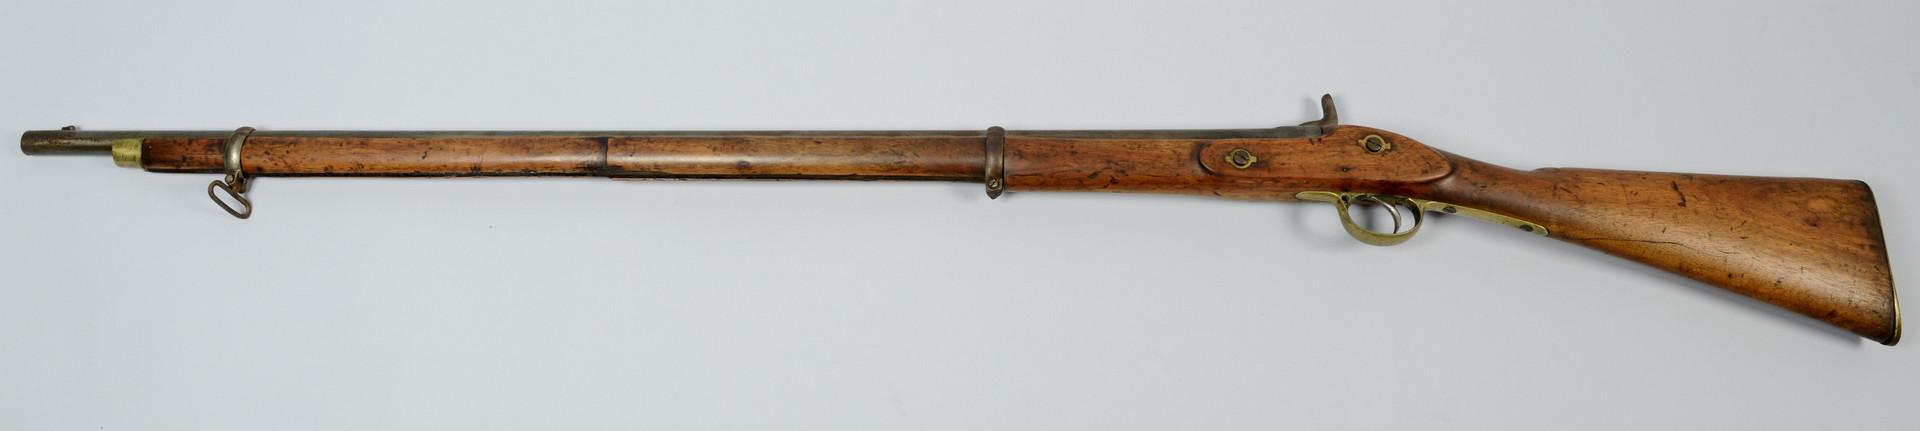 Lot 418: Barnett London Percussion Musket